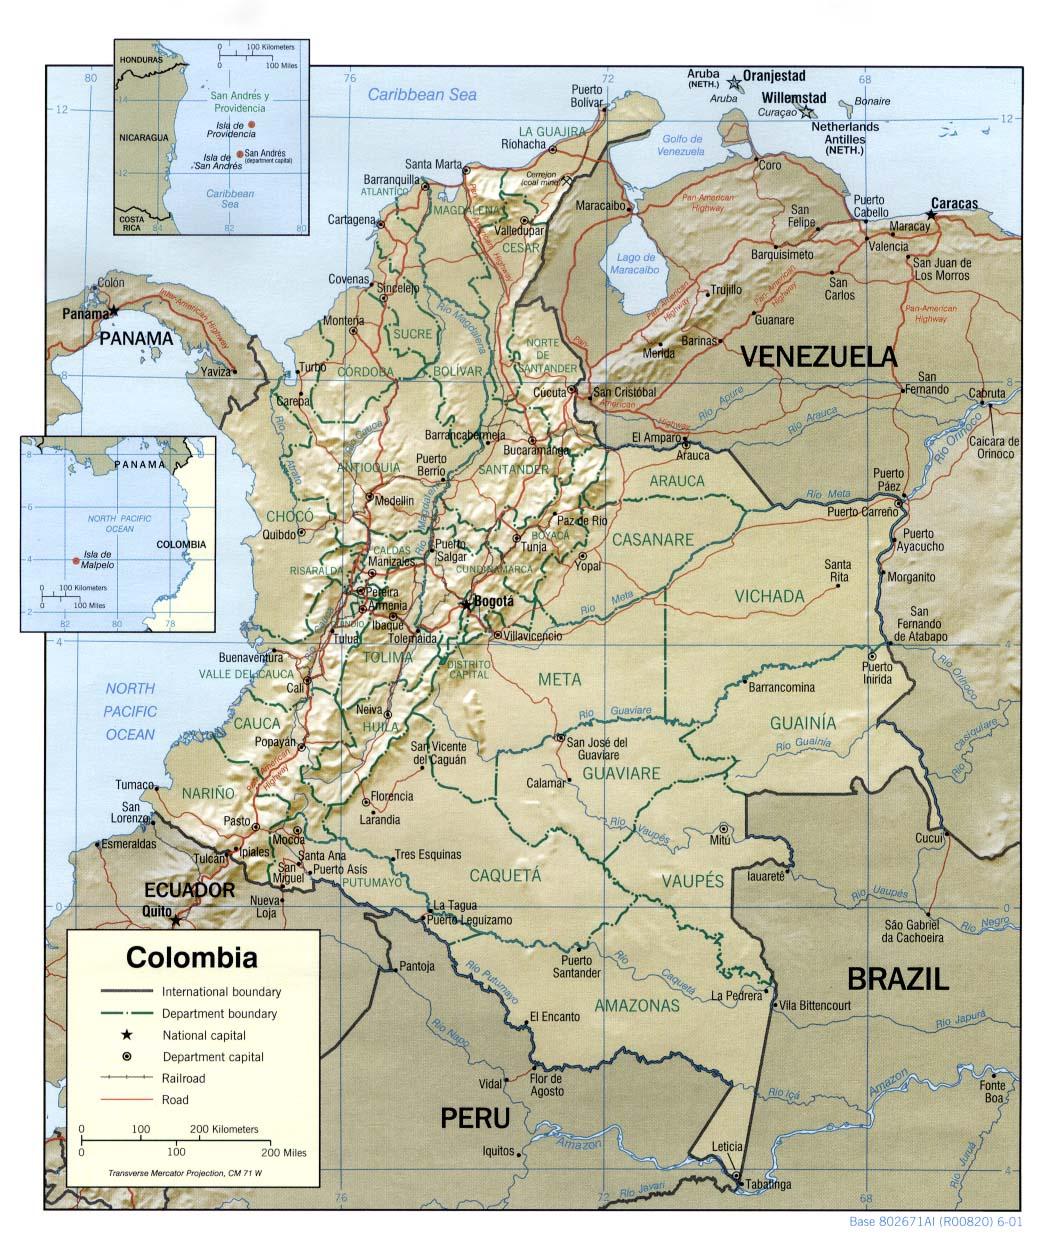 Mapa Relieve Sombreado de Colombia